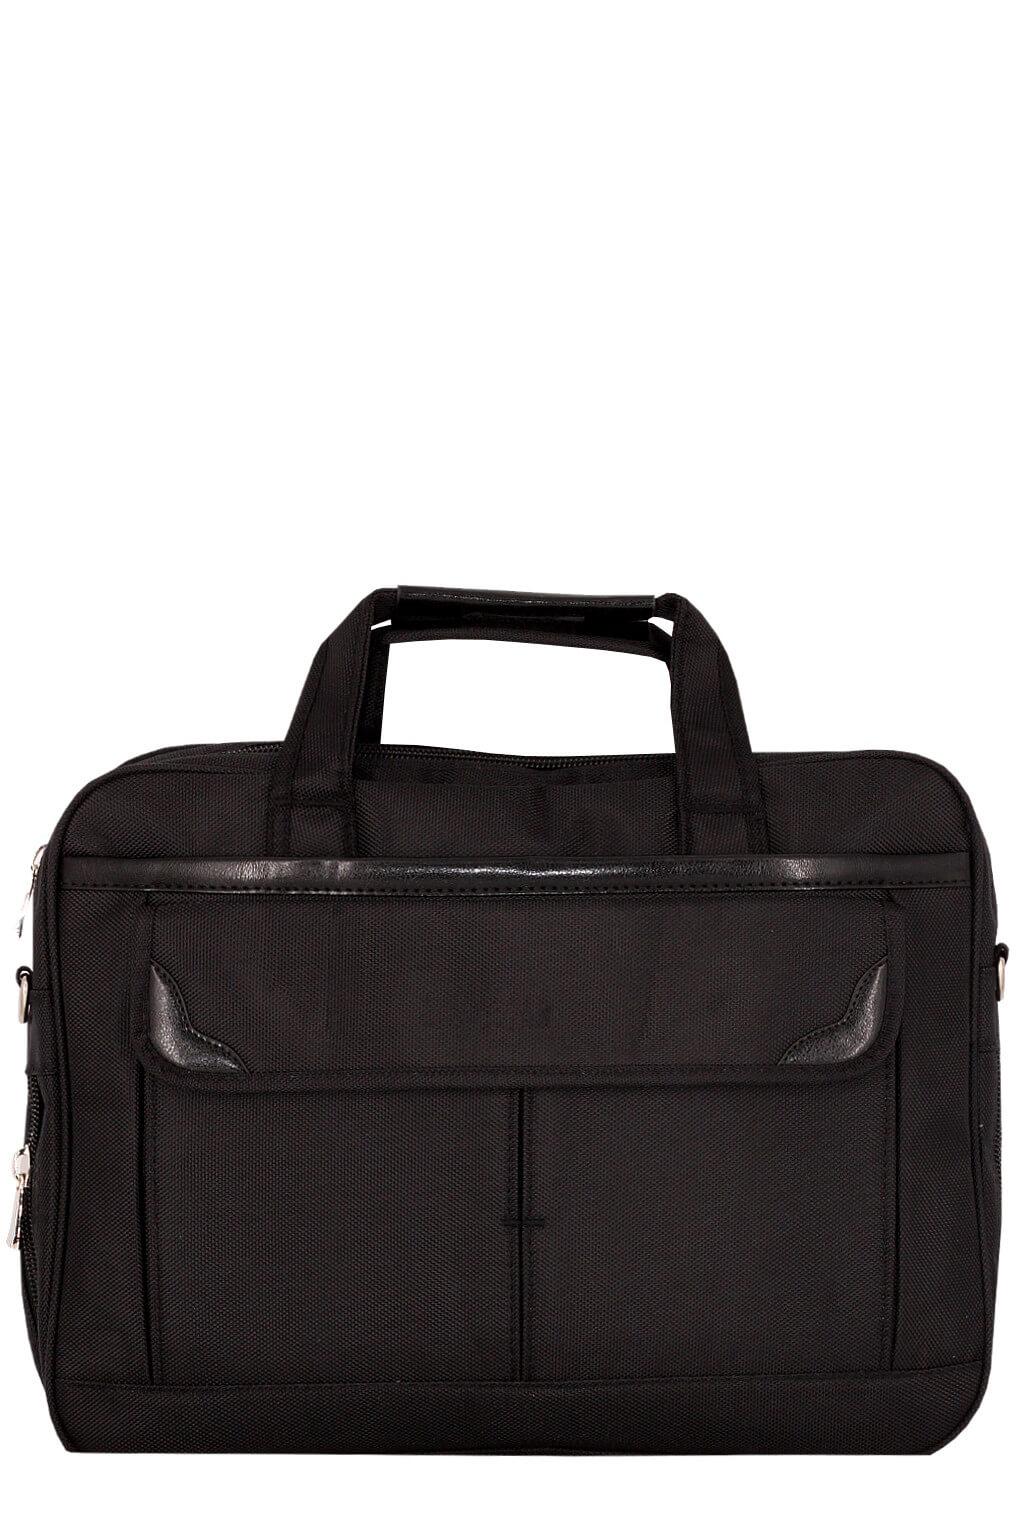 Norton taška na notebook černá